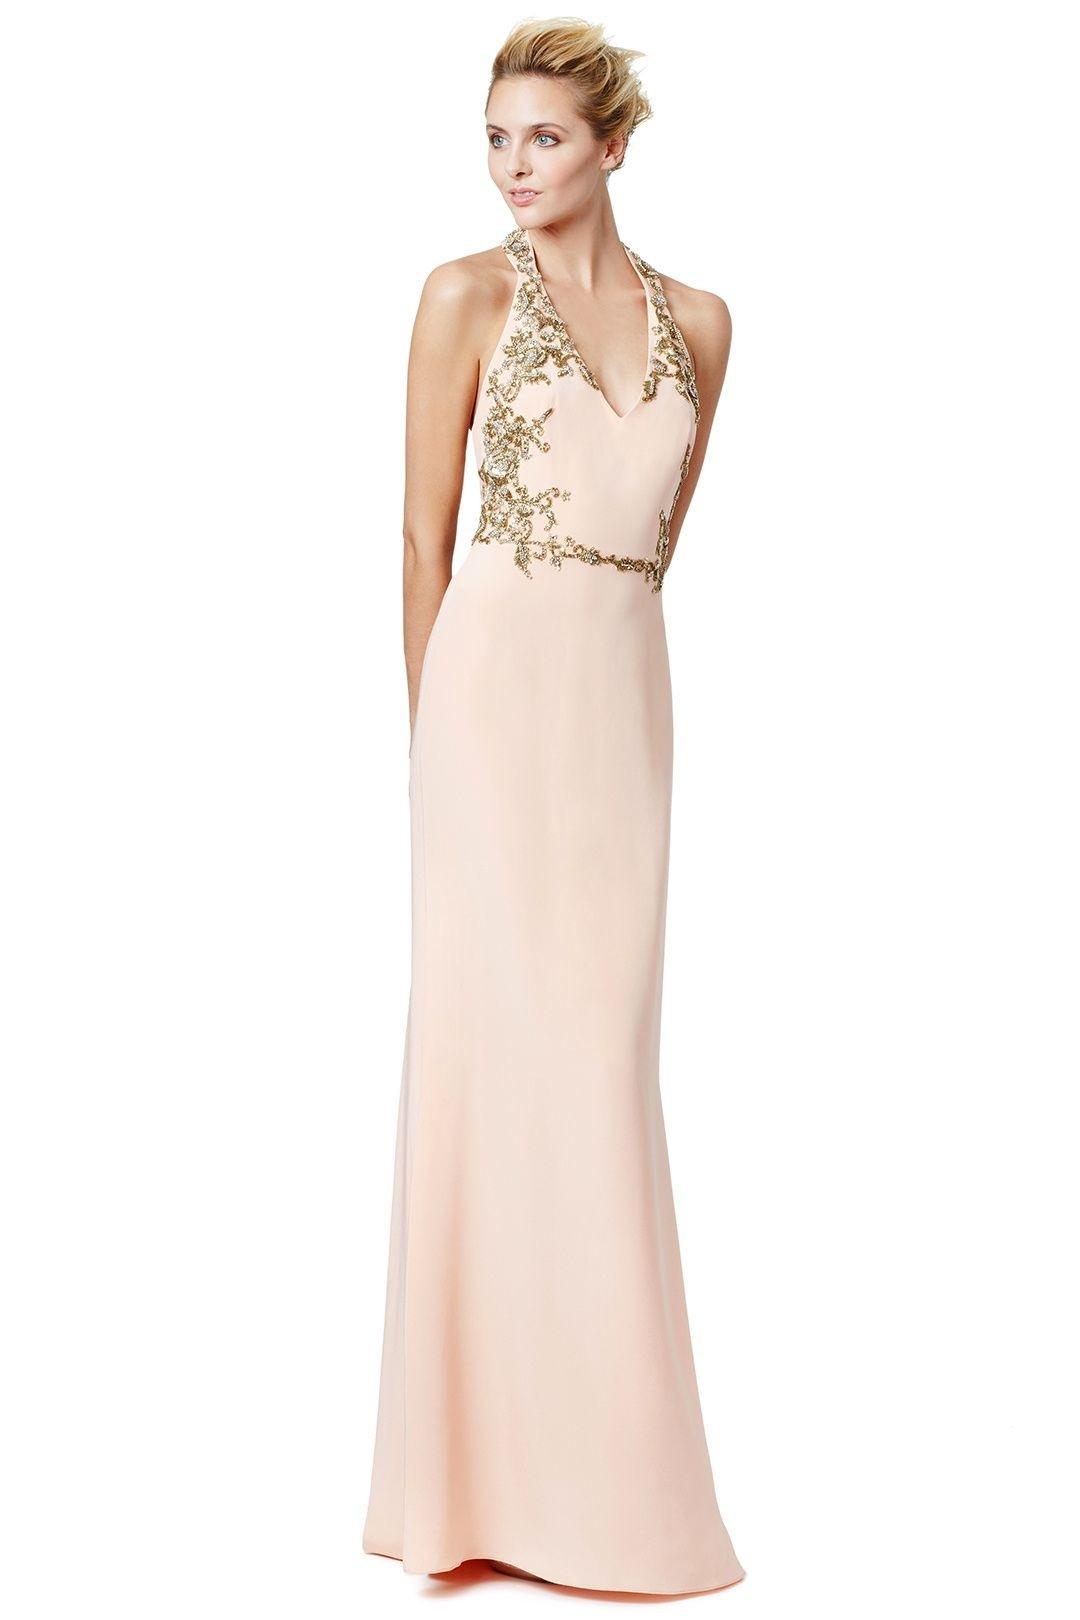 Elegant Galerie Rosa Abschlussballkleider 10 Abendkleid N0mnw8